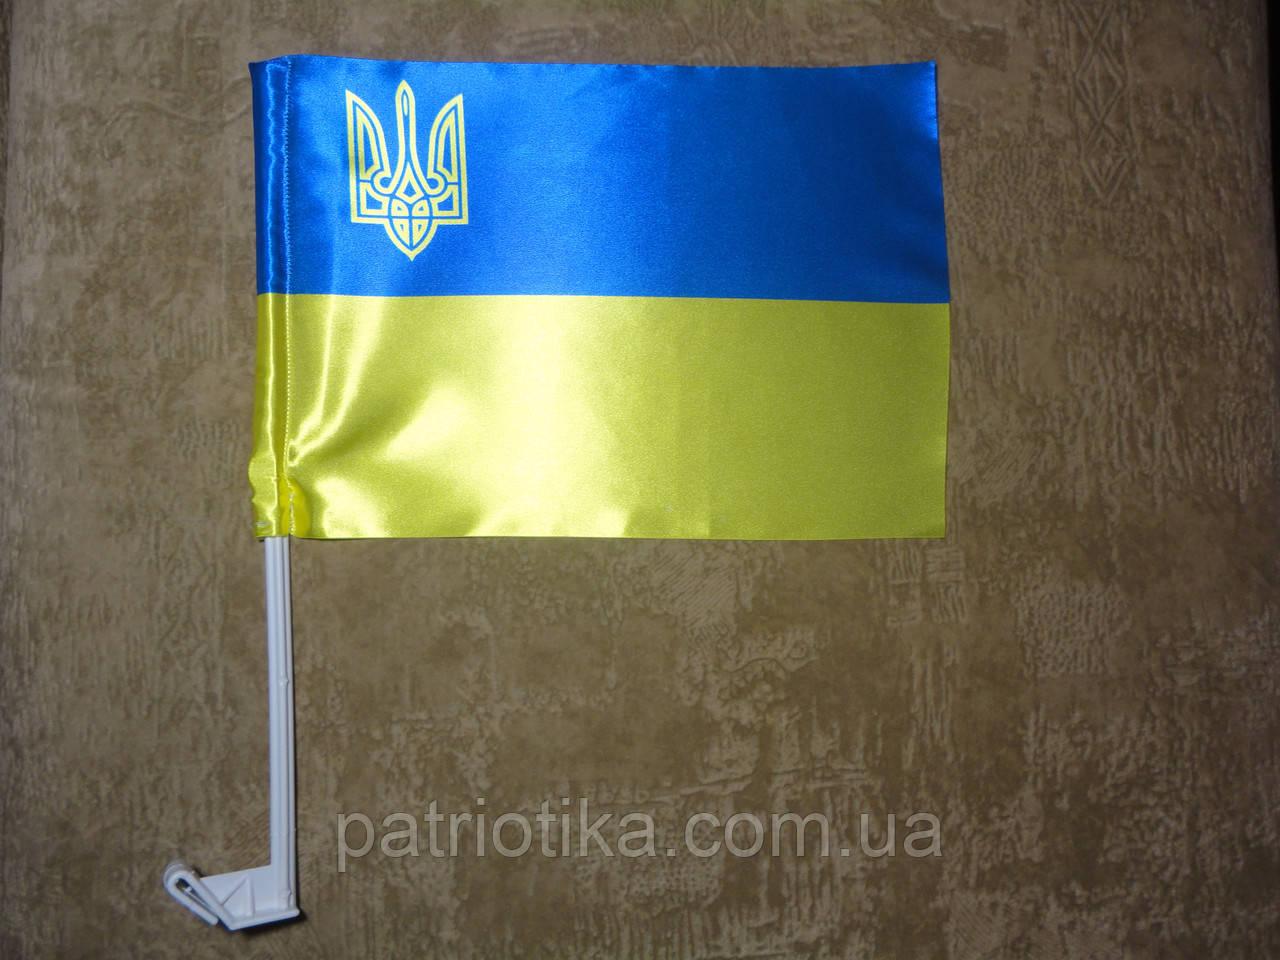 Флаг Украины атлас с тризубом 37х24см   Прапор України атлас з тризубом 37х24см